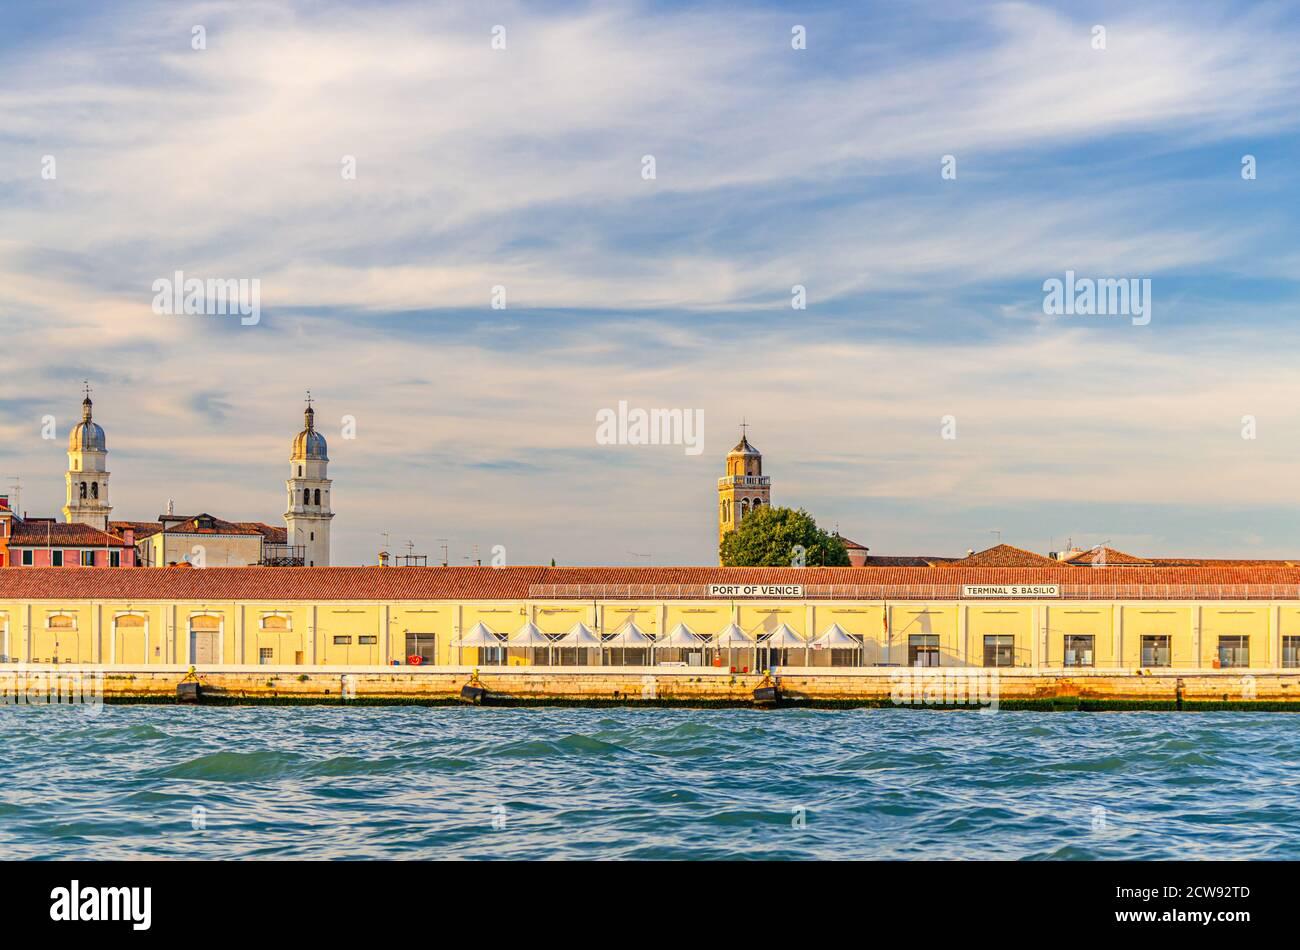 Puerto de Venecia en el terraplén de Fondamenta Zattere en el centro histórico de la ciudad de Dorsoduro sestiere, vista desde el agua del canal de Giudecca, Región Veneto, Italia Foto de stock